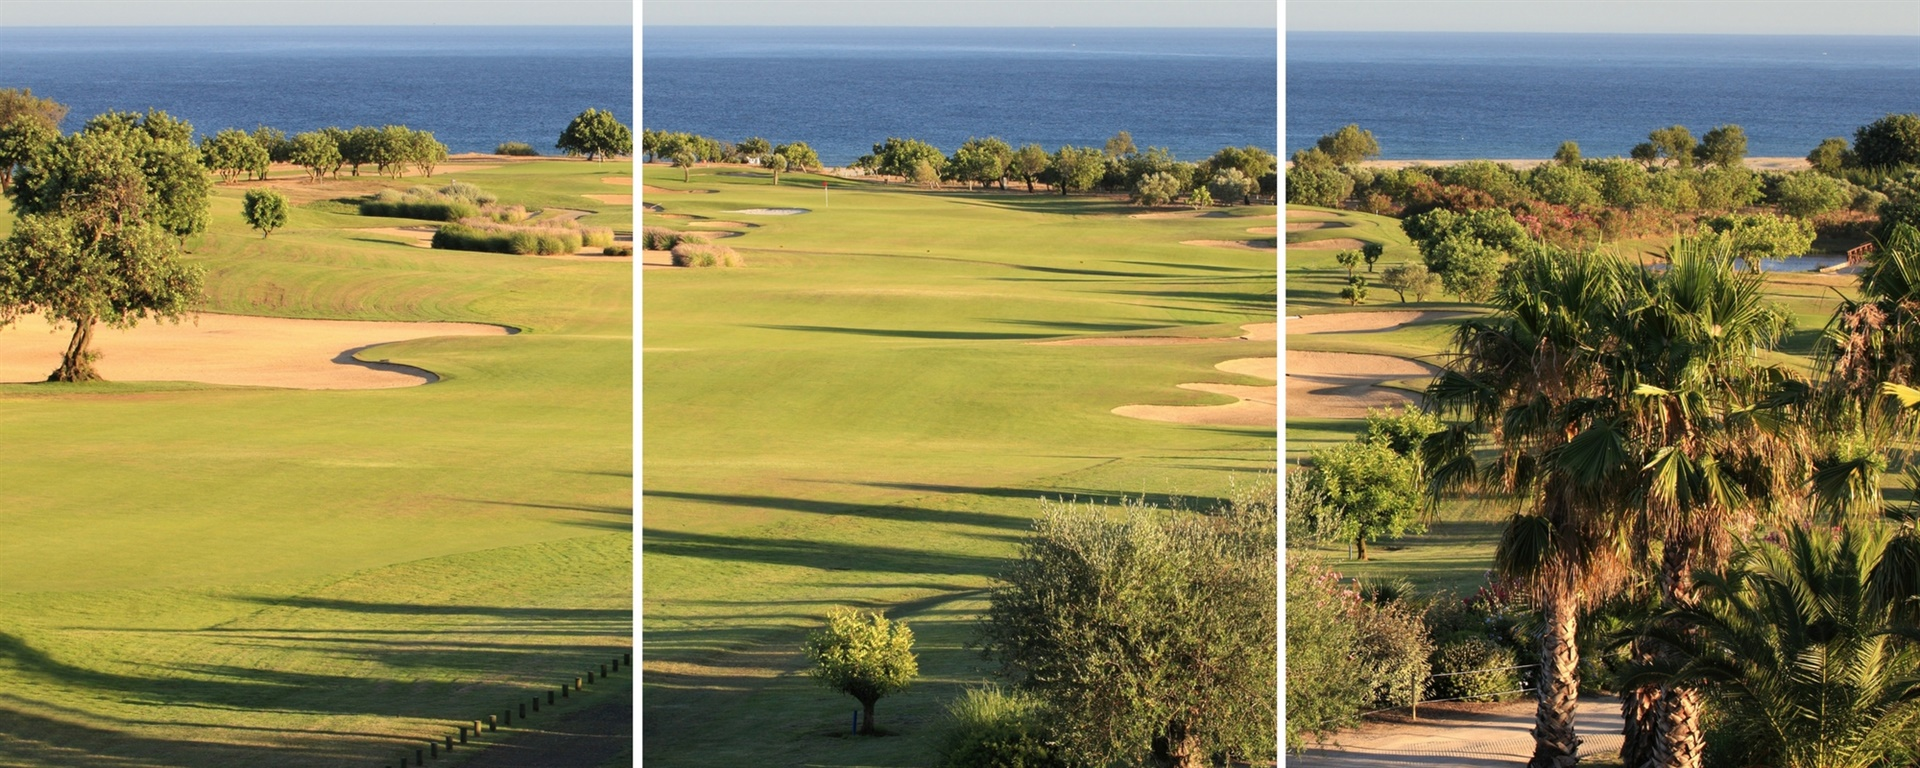 Fantastic golf courses